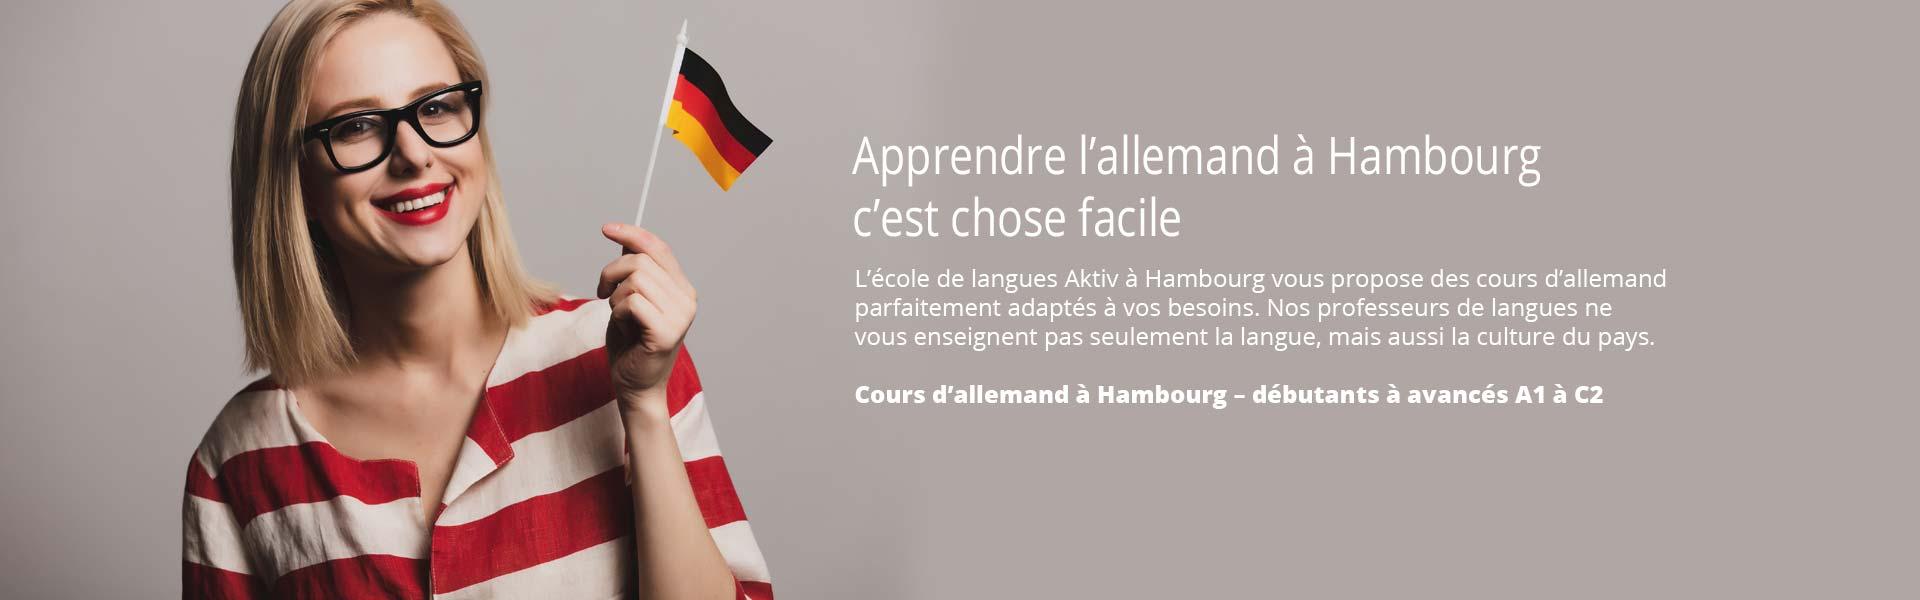 Apprendre l'allemand à Hambourg c'est chose facile